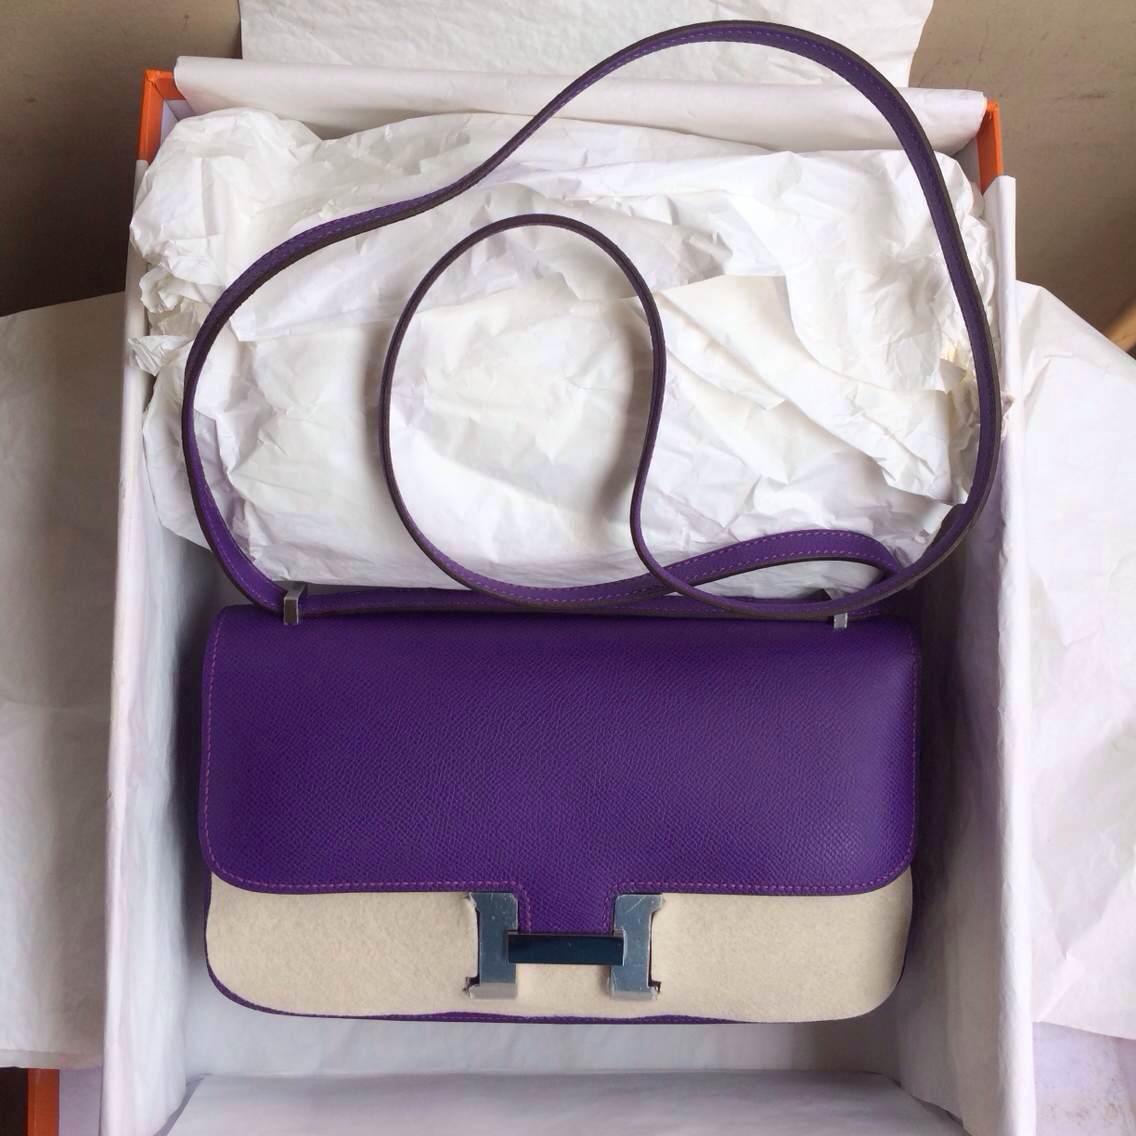 Hand Stitching Hermes Constance elan Bag 26cm 9W Ultraviolet Epsom Leather